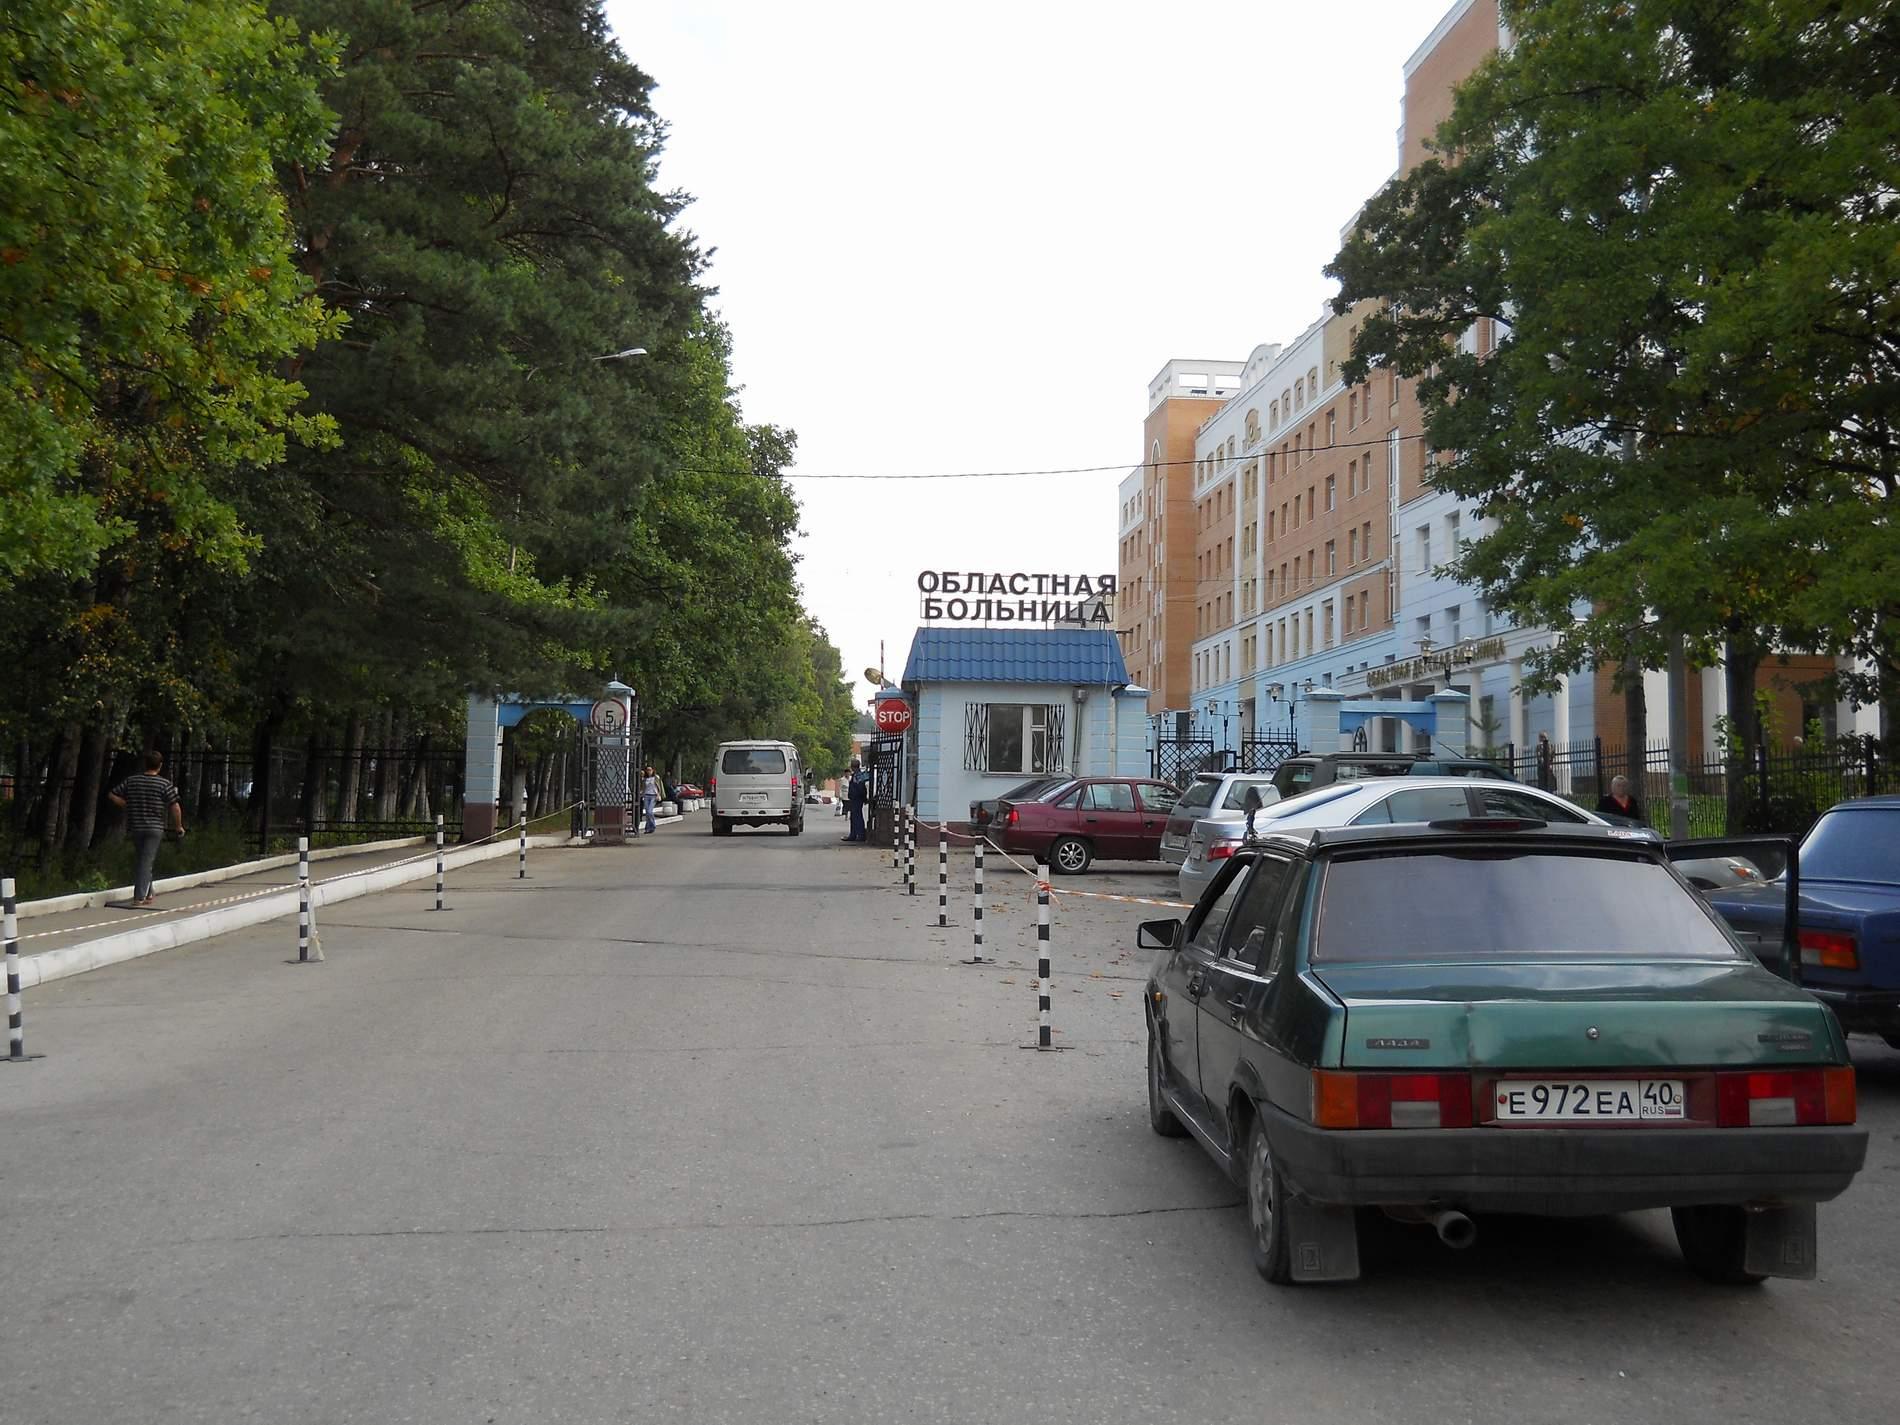 Медицинский центр в марьино ул люблинская 104